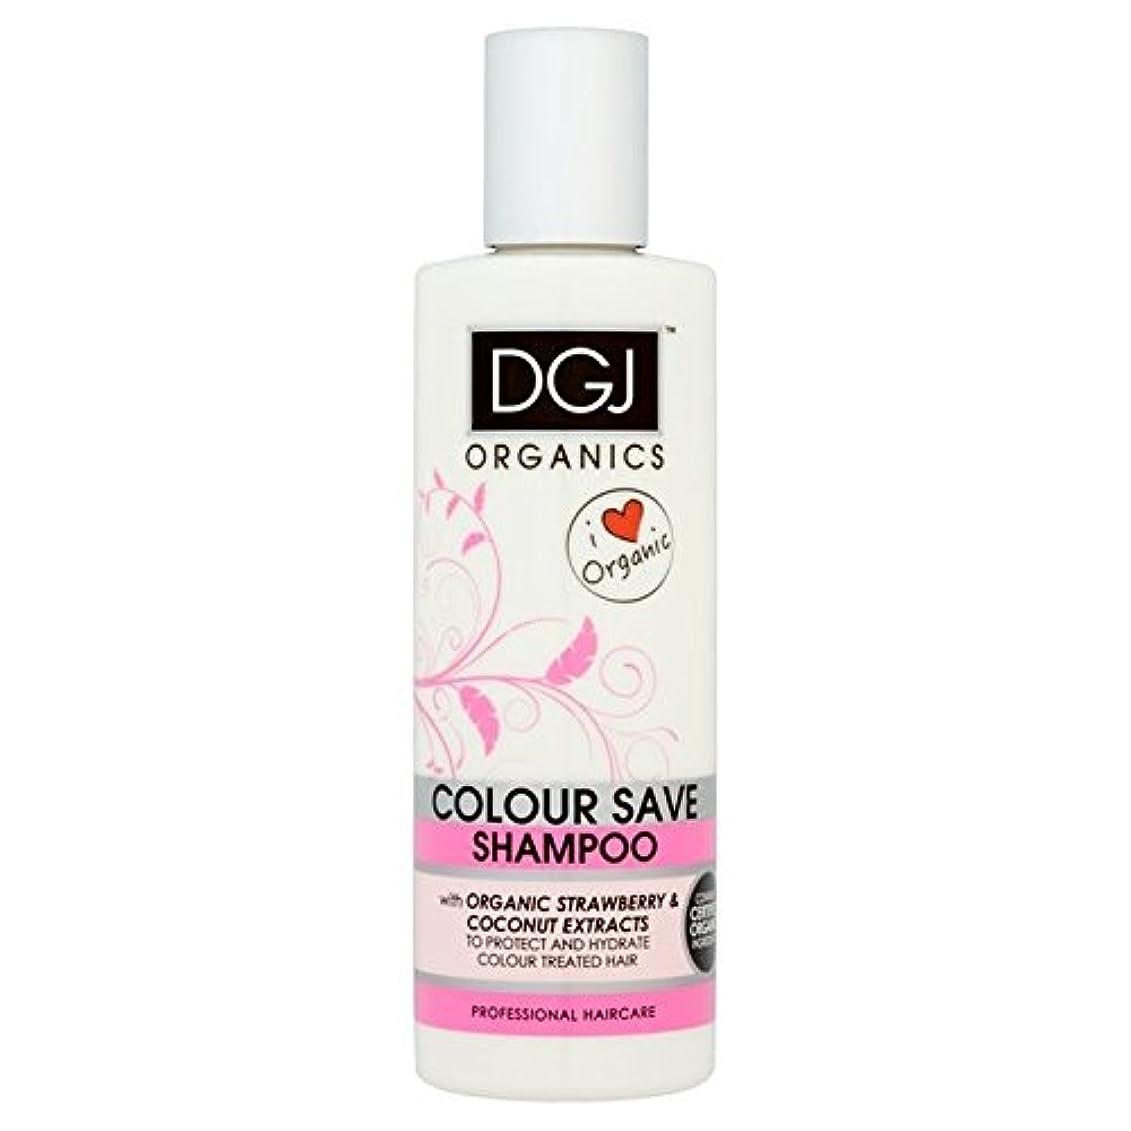 国内の計算可能社員DGJ Organics Colour Save Shampoo 250ml - 有機物の色シャンプー250ミリリットルを保存 [並行輸入品]